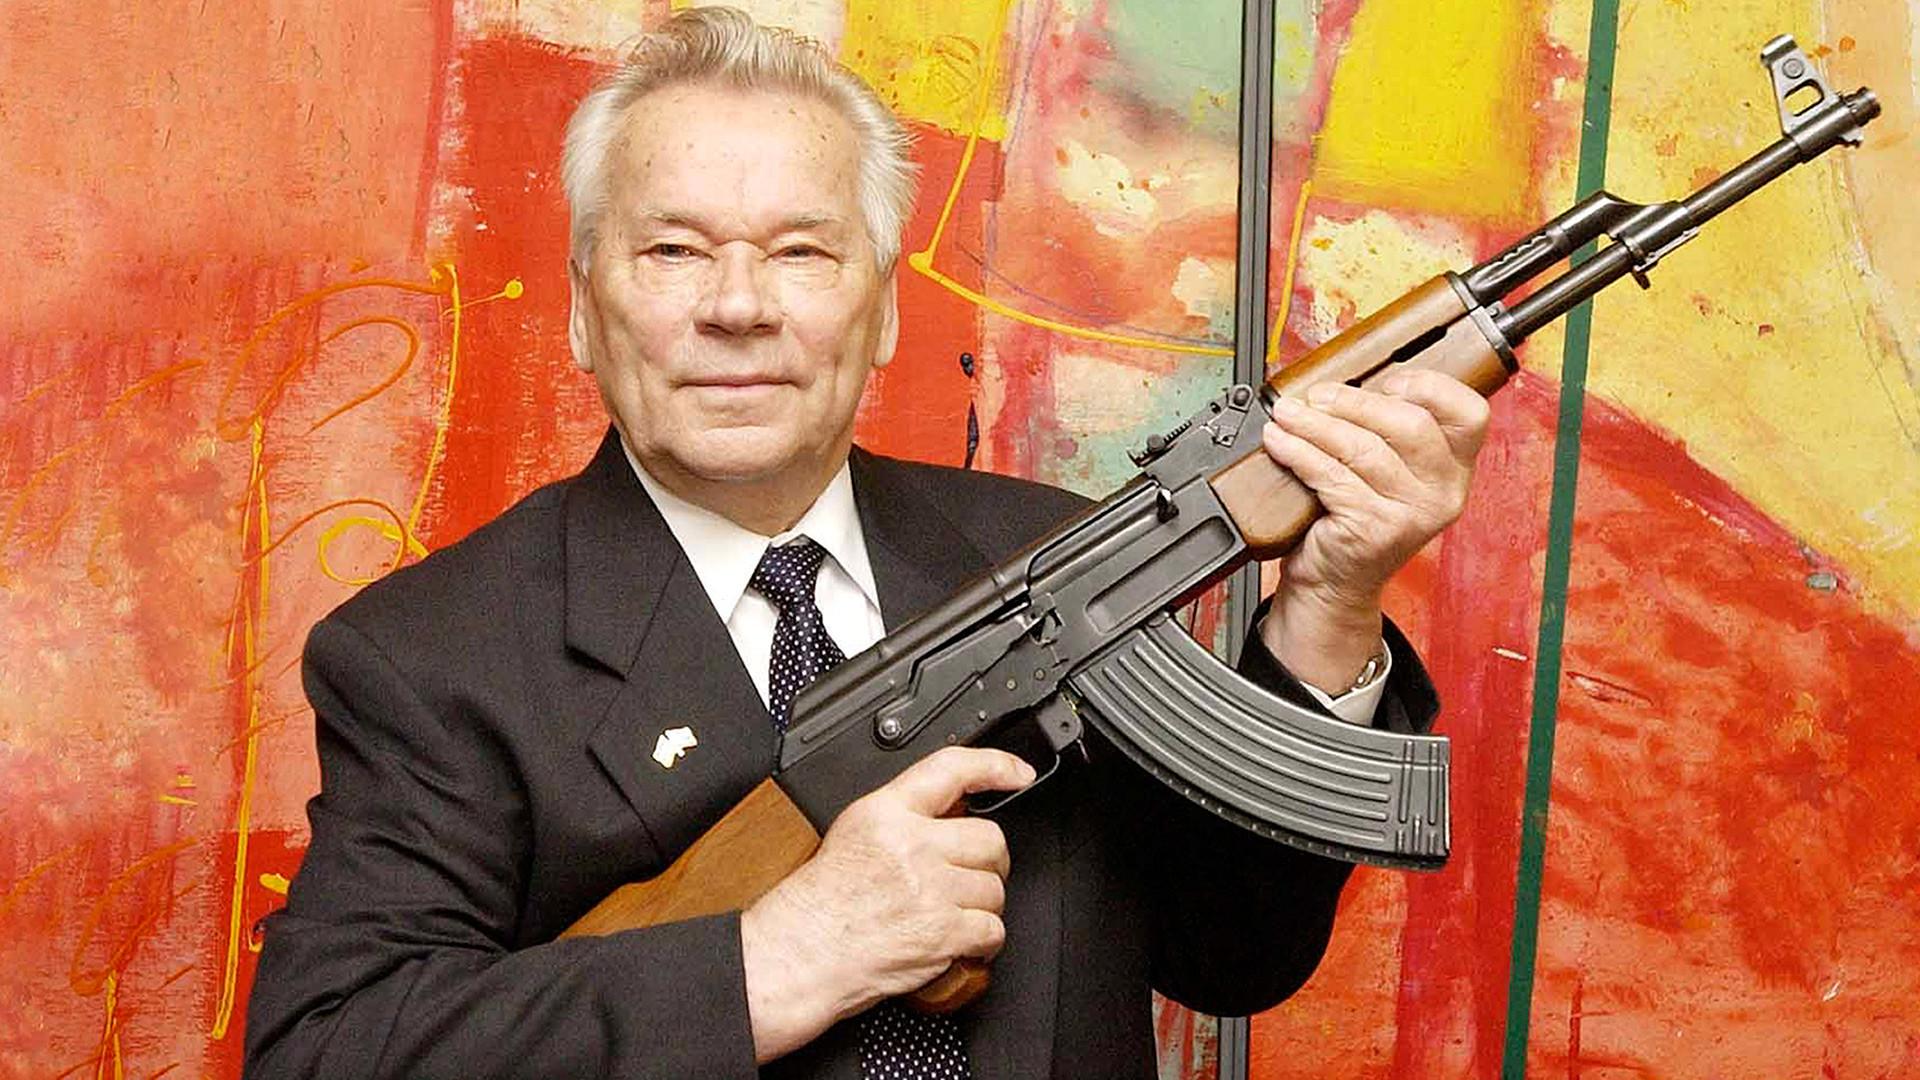 Mijaíl Kaláshnikov con su creación, el AK-47.